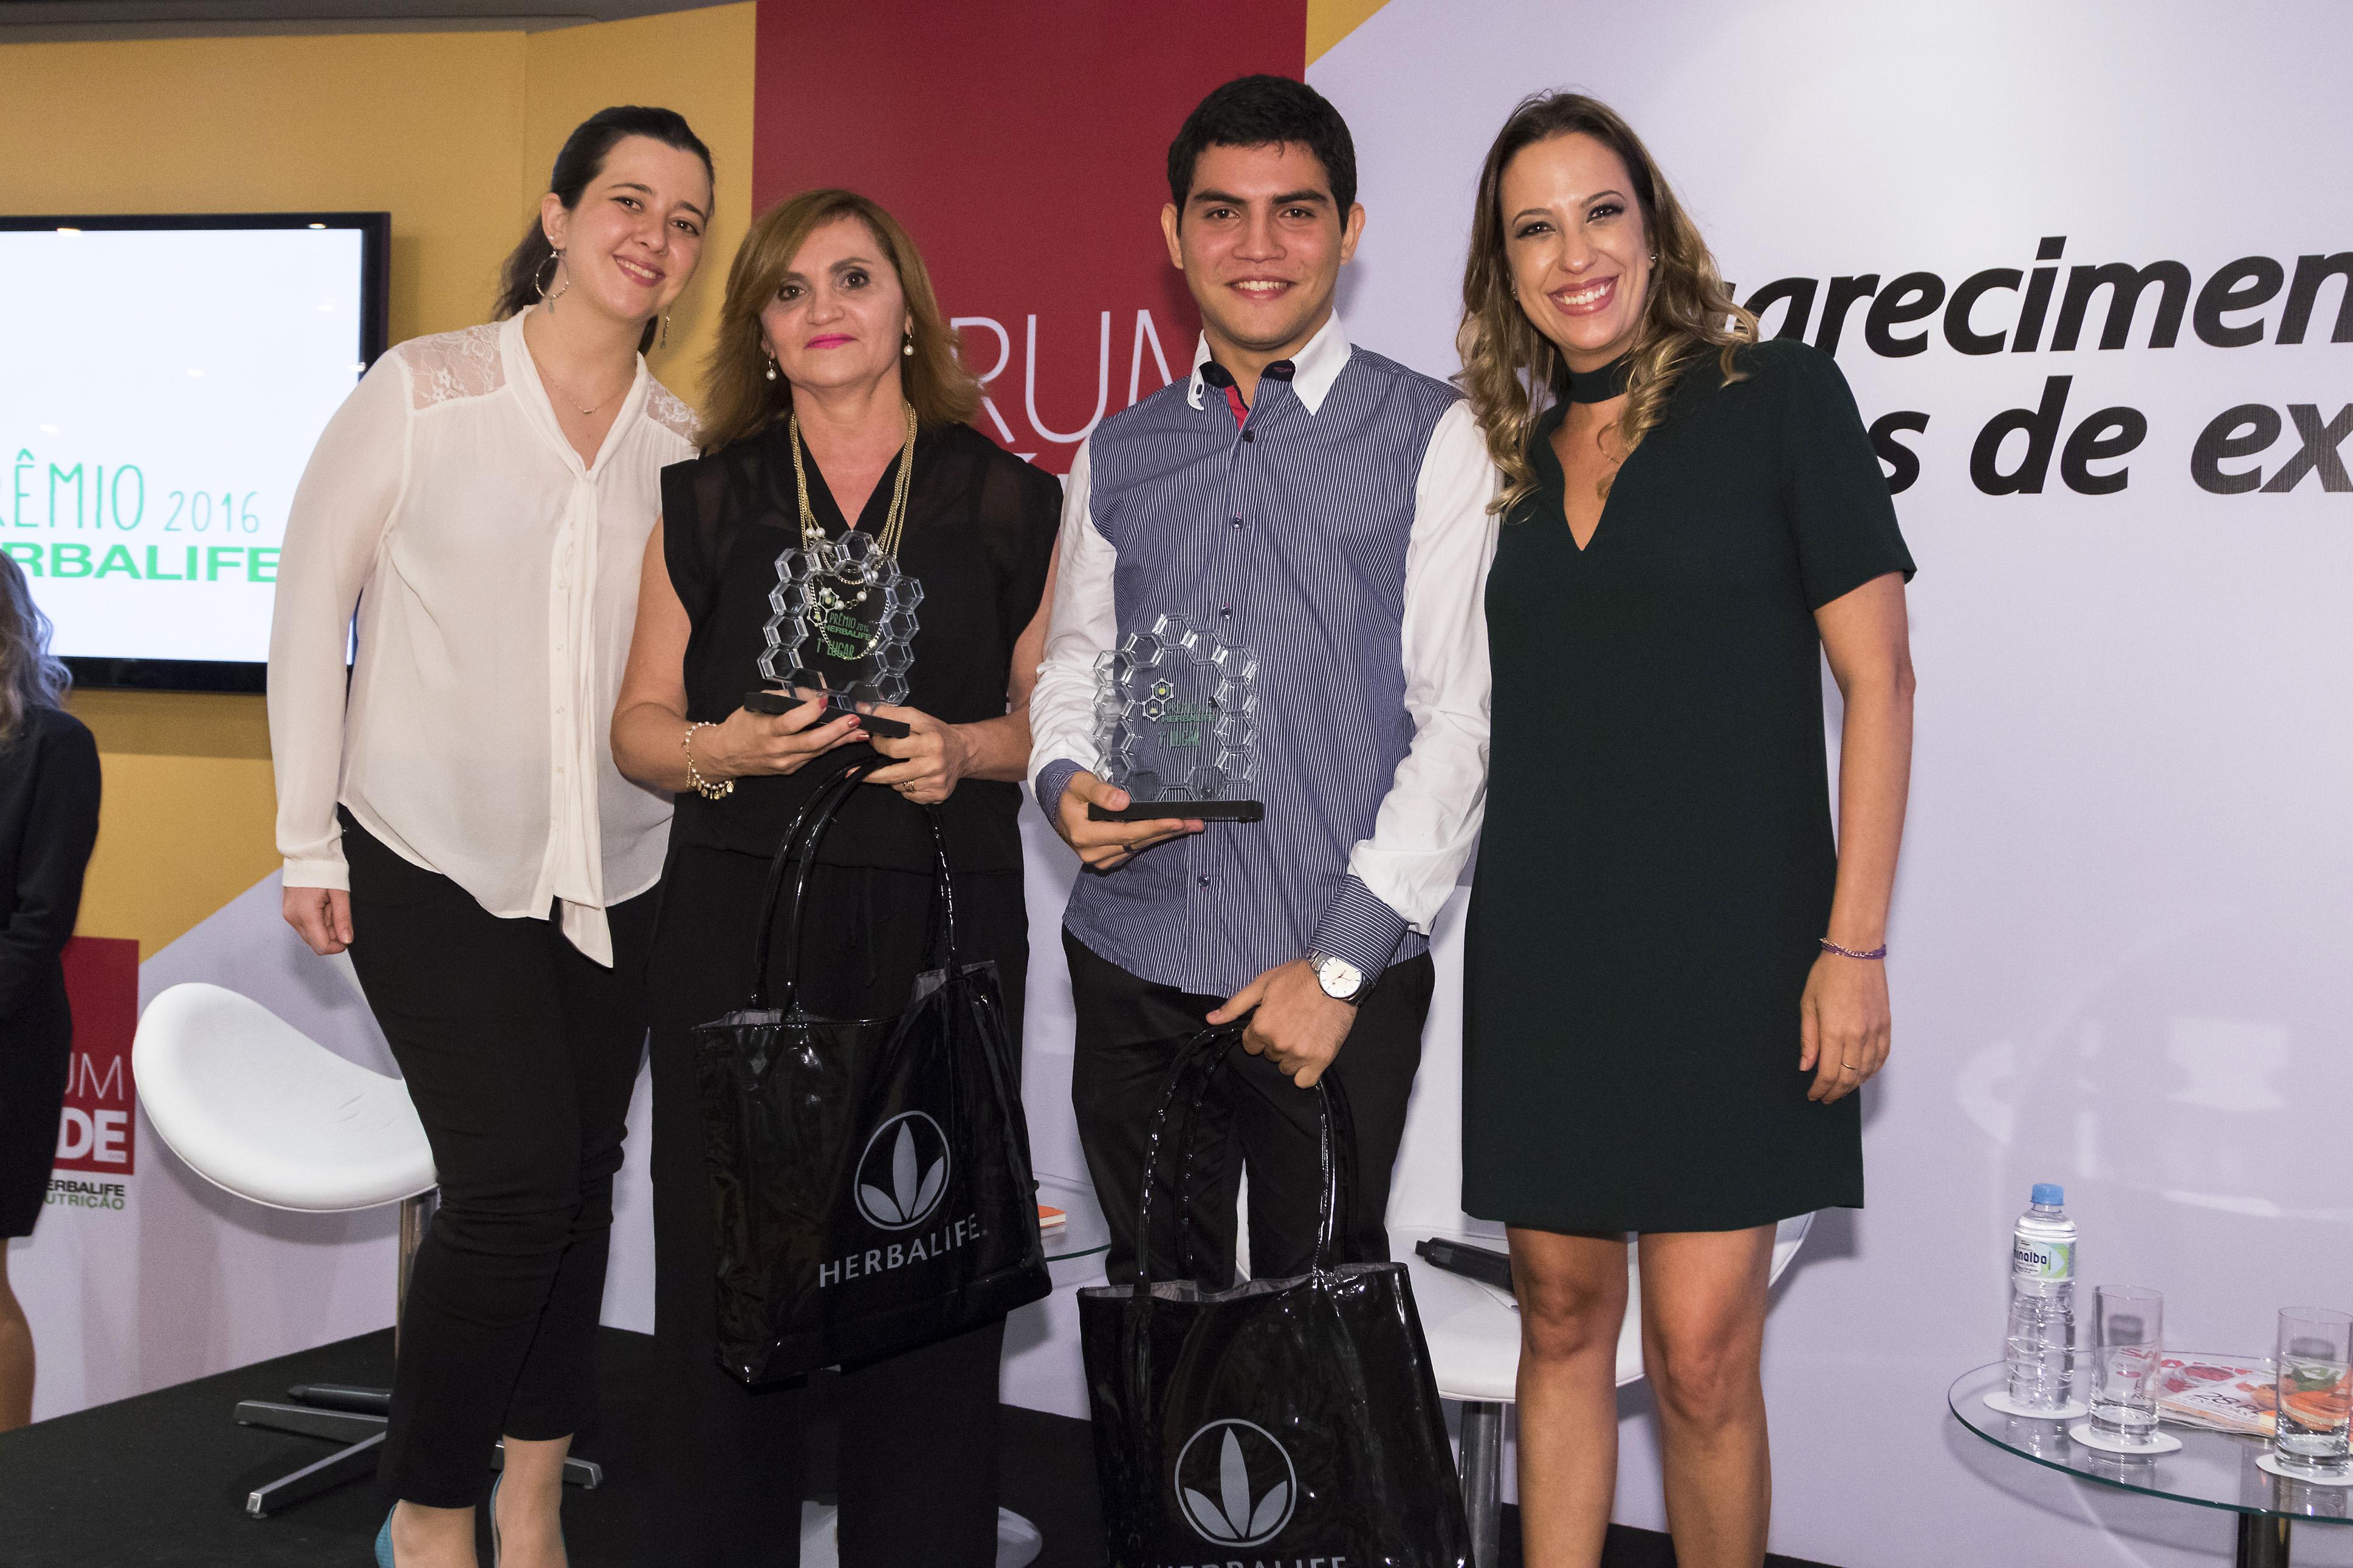 Camile Castilho presentando el premio